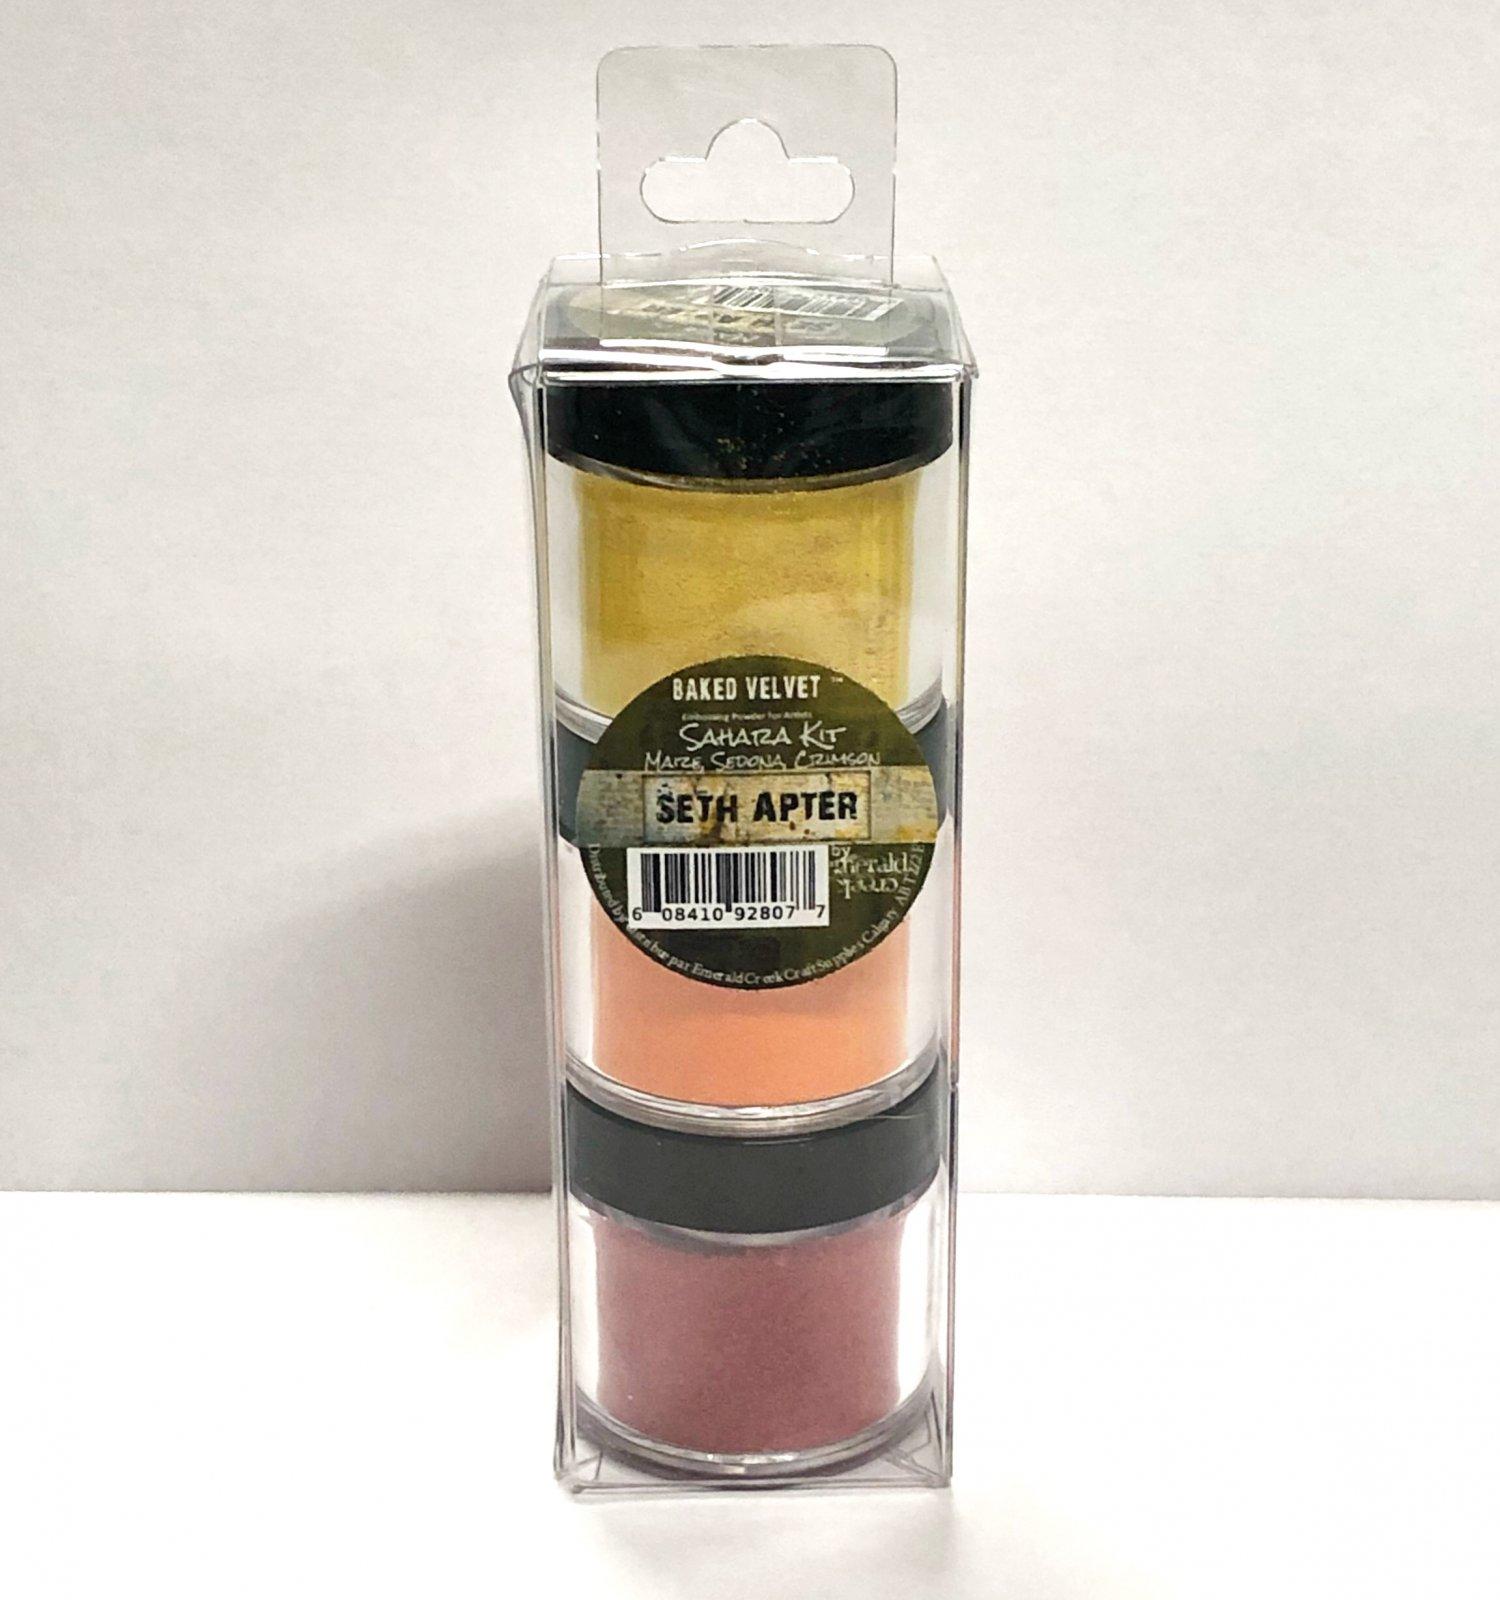 Seth Apter Baked Velvet Sahara Kit Embossing Powder